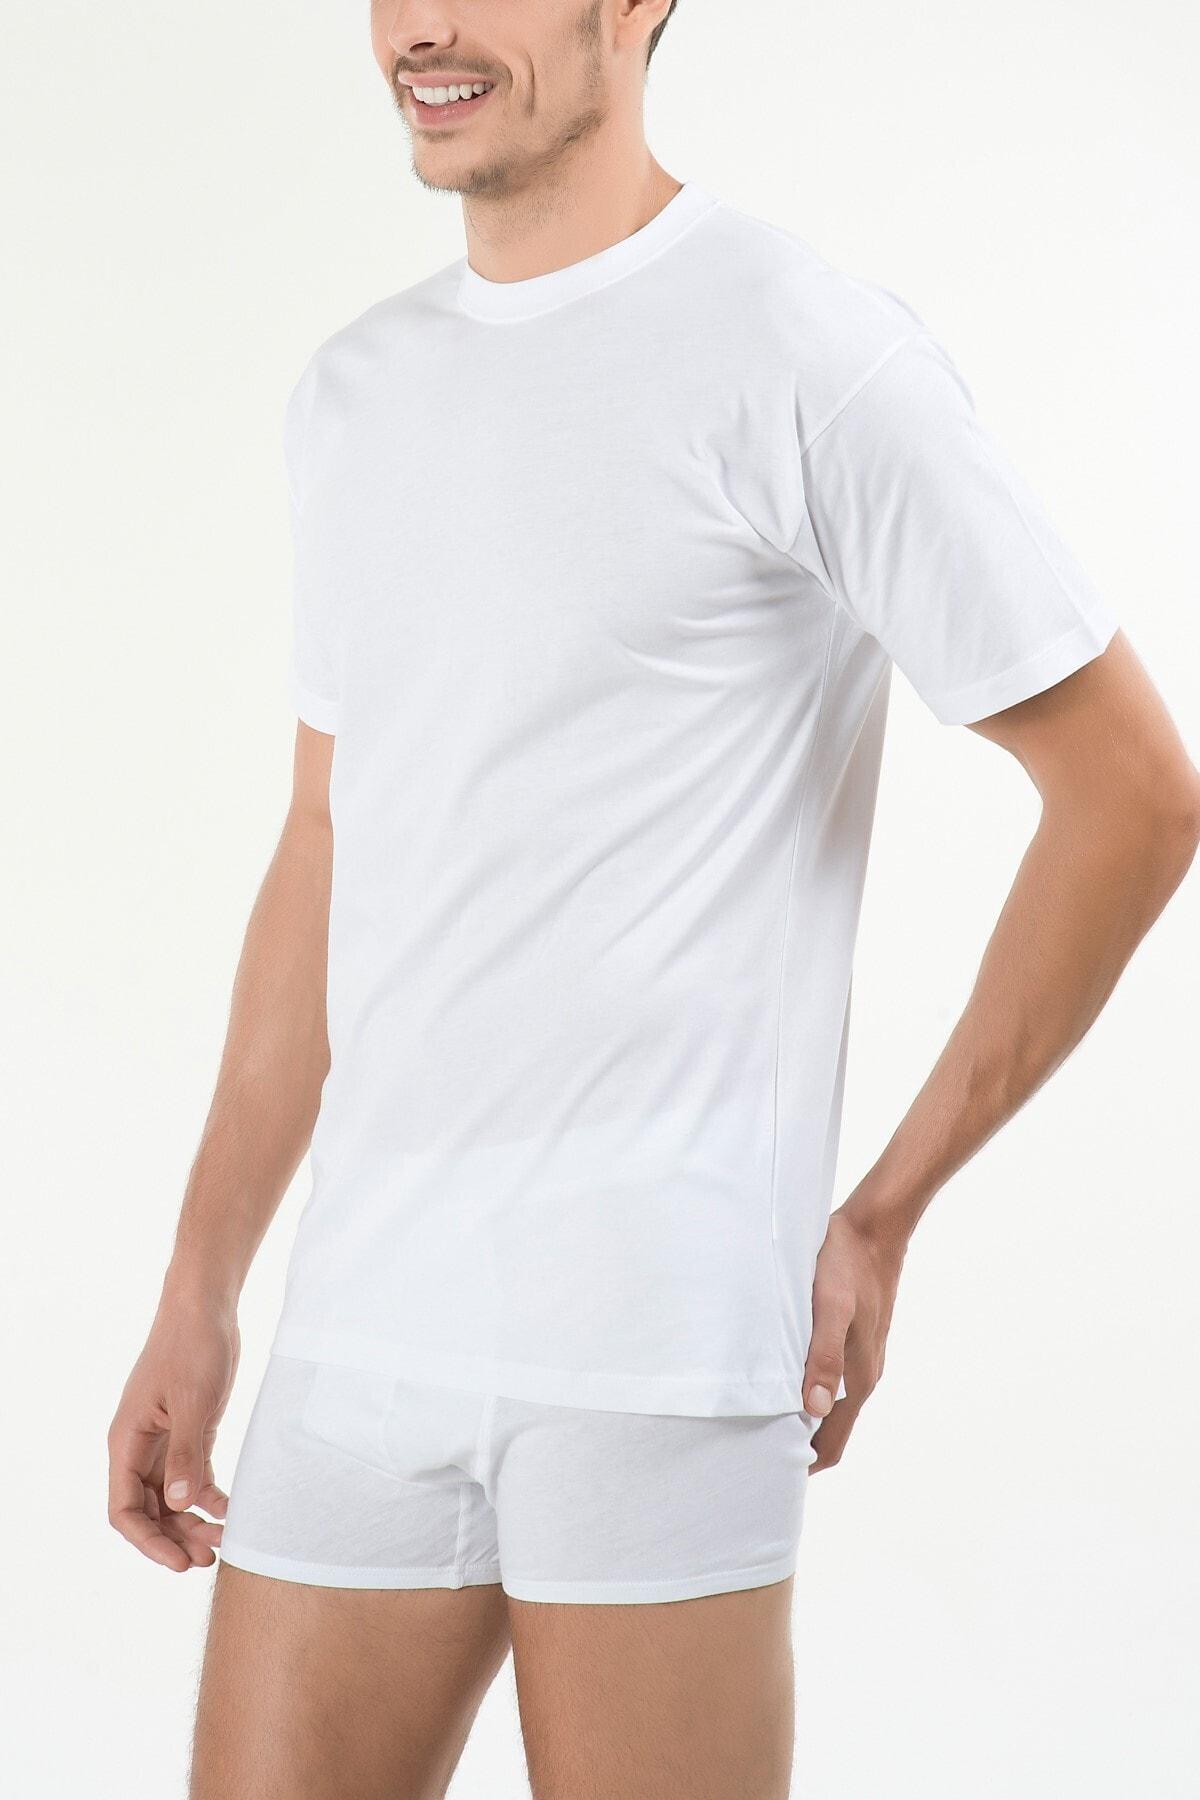 Kom Erkek Beyaz Eduardo 2'li T-shirt 44ts10031beya 1